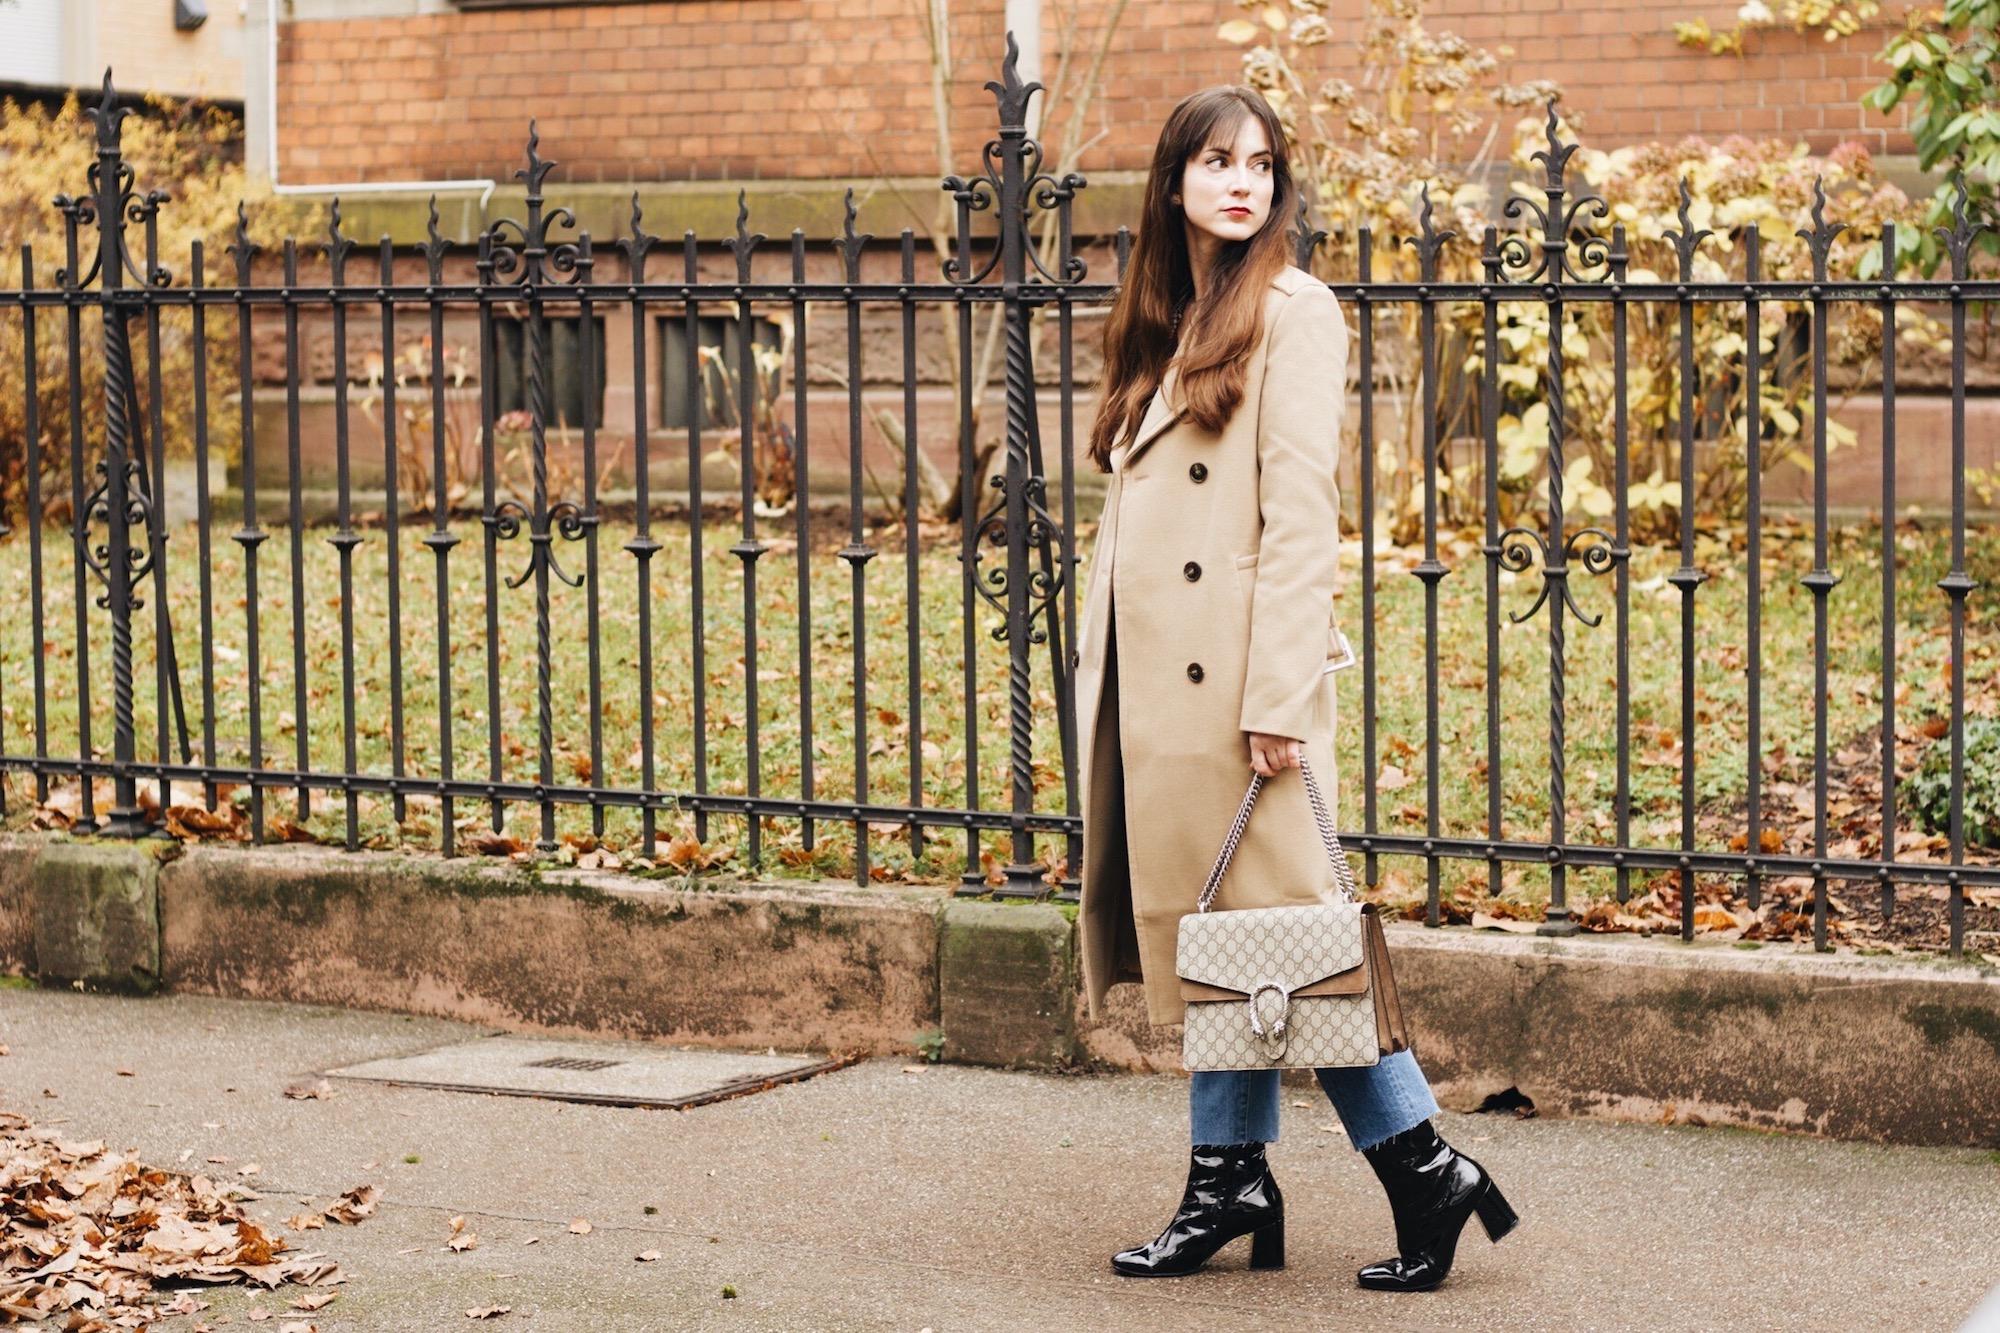 Modeblog Outfitpost mit Mantel von Edited und Gucci Dionysus Bag sowie Modetrend Lack Stiefeletten